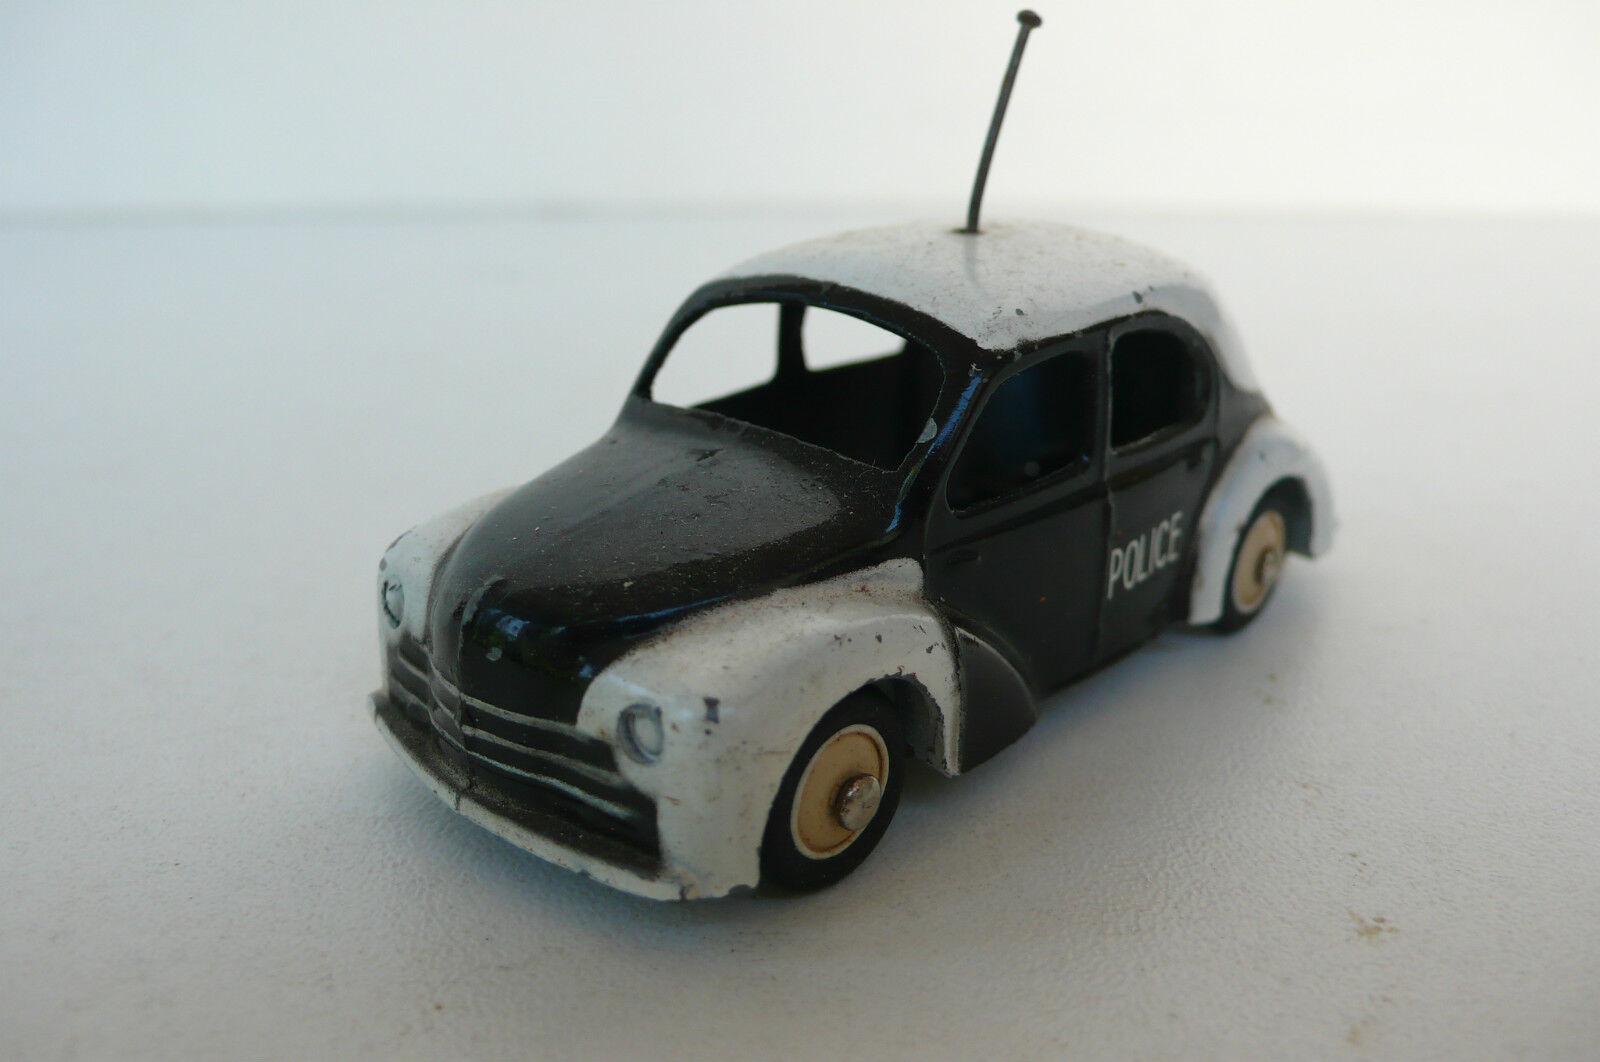 CIJ   RENAULT 4 CV   POLICE  BON ÉTAT     1956  REF 3.49  1er TYPE  Style classique